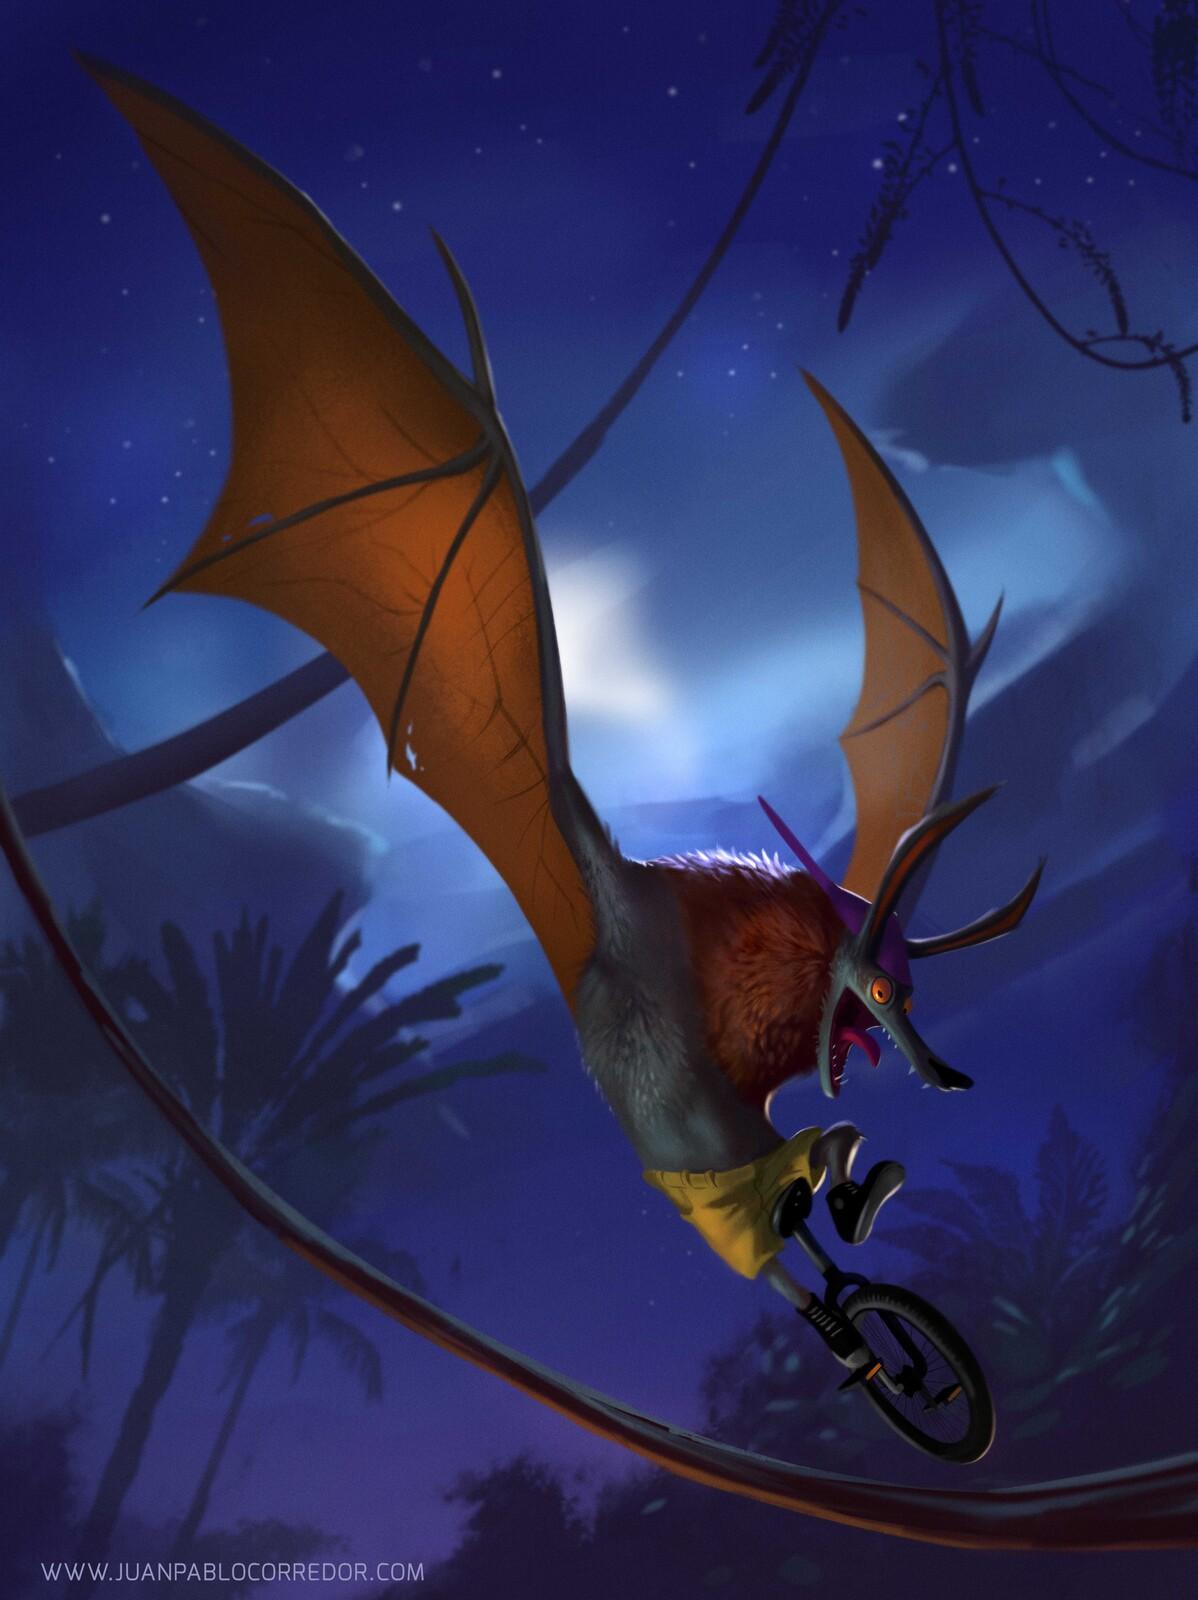 Xtreme Bat